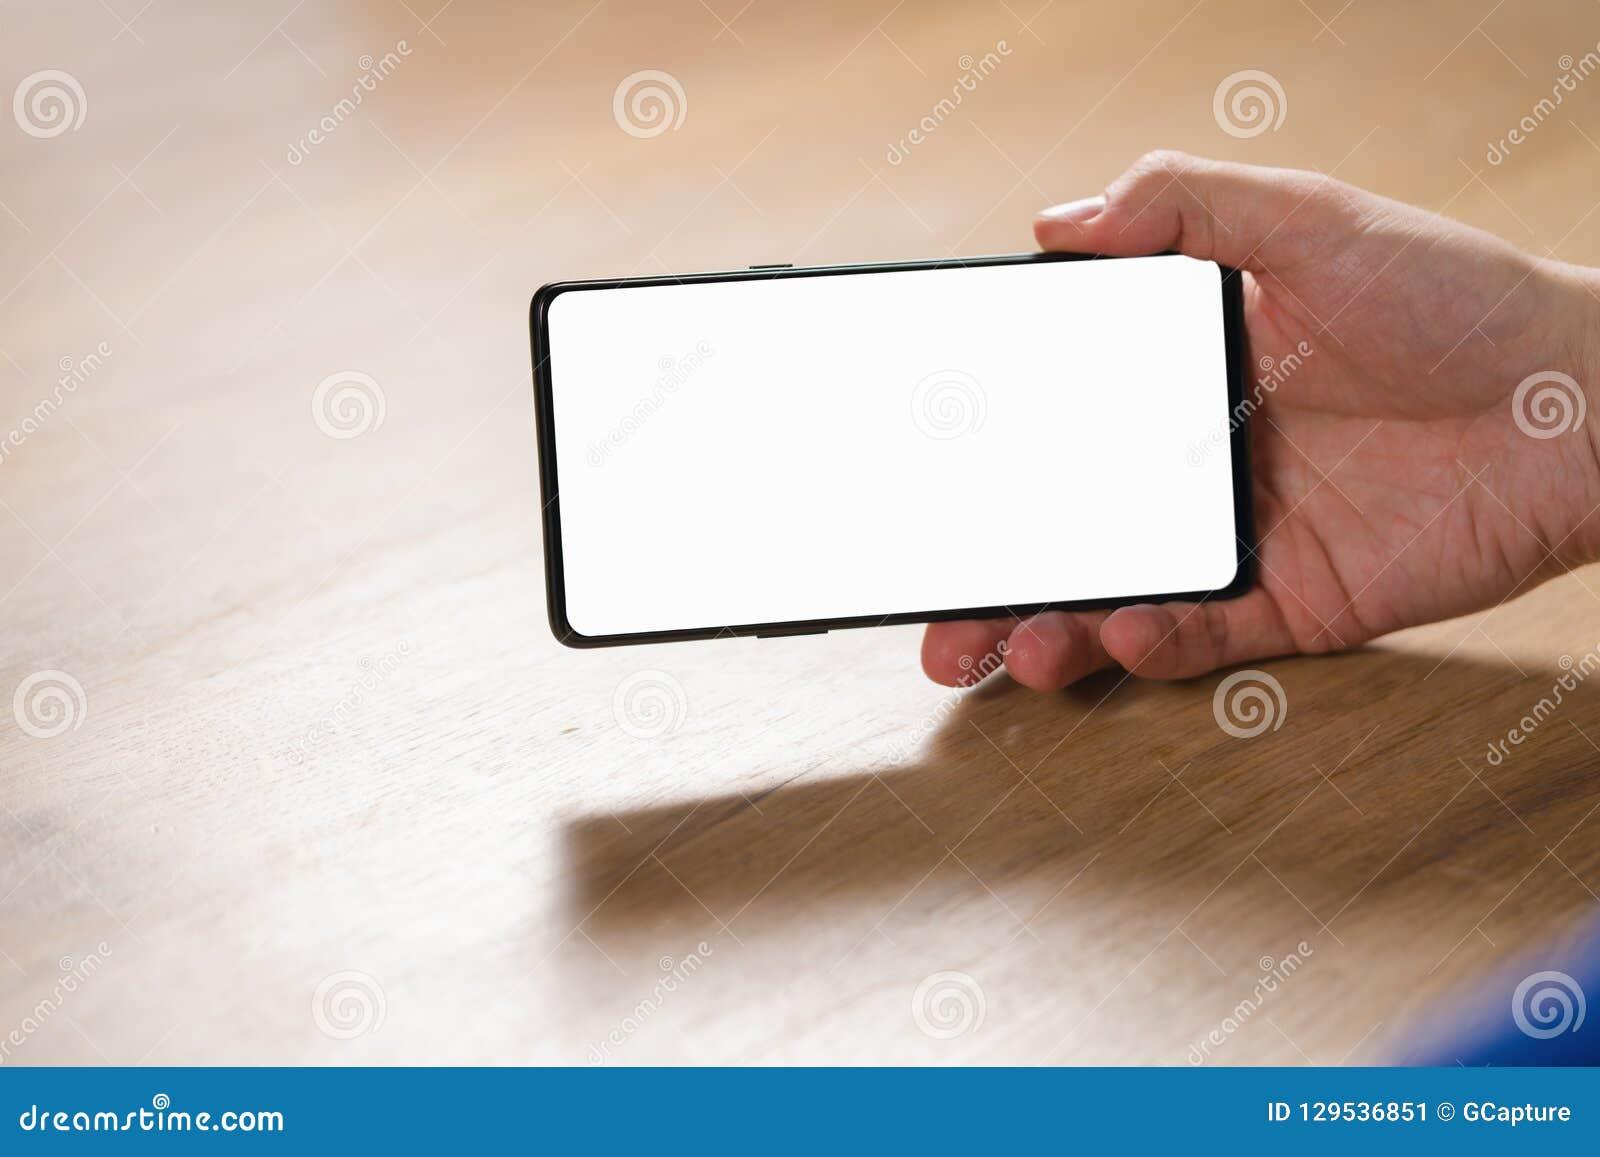 Smartphone da terra arrendada da mão do homem novo com a tela branca vazia no modo de paisagem